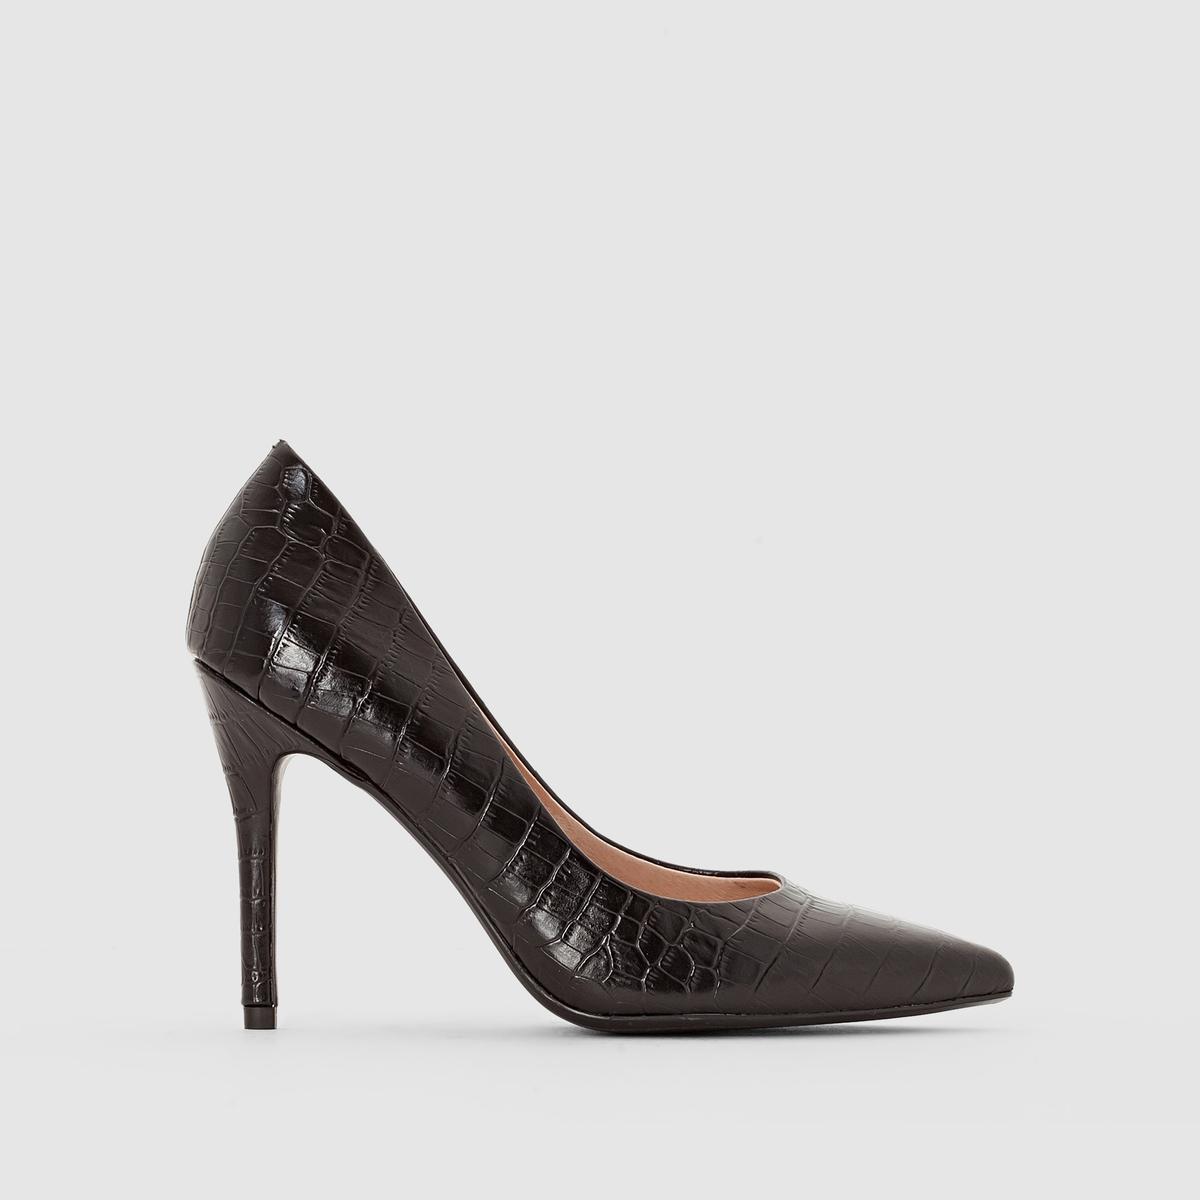 Туфли-лодочки под крокодиловую кожуВерх : синтетика под крокодиловую кожуПодкладка : кожаСтелька : кожаПодошва : эластомерВысота каблука : 10 смФорма каблука : Шпилька.Мысок : тонкий мысокМарка: Atelier R.без застежки<br><br>Цвет: черный<br>Размер: 41